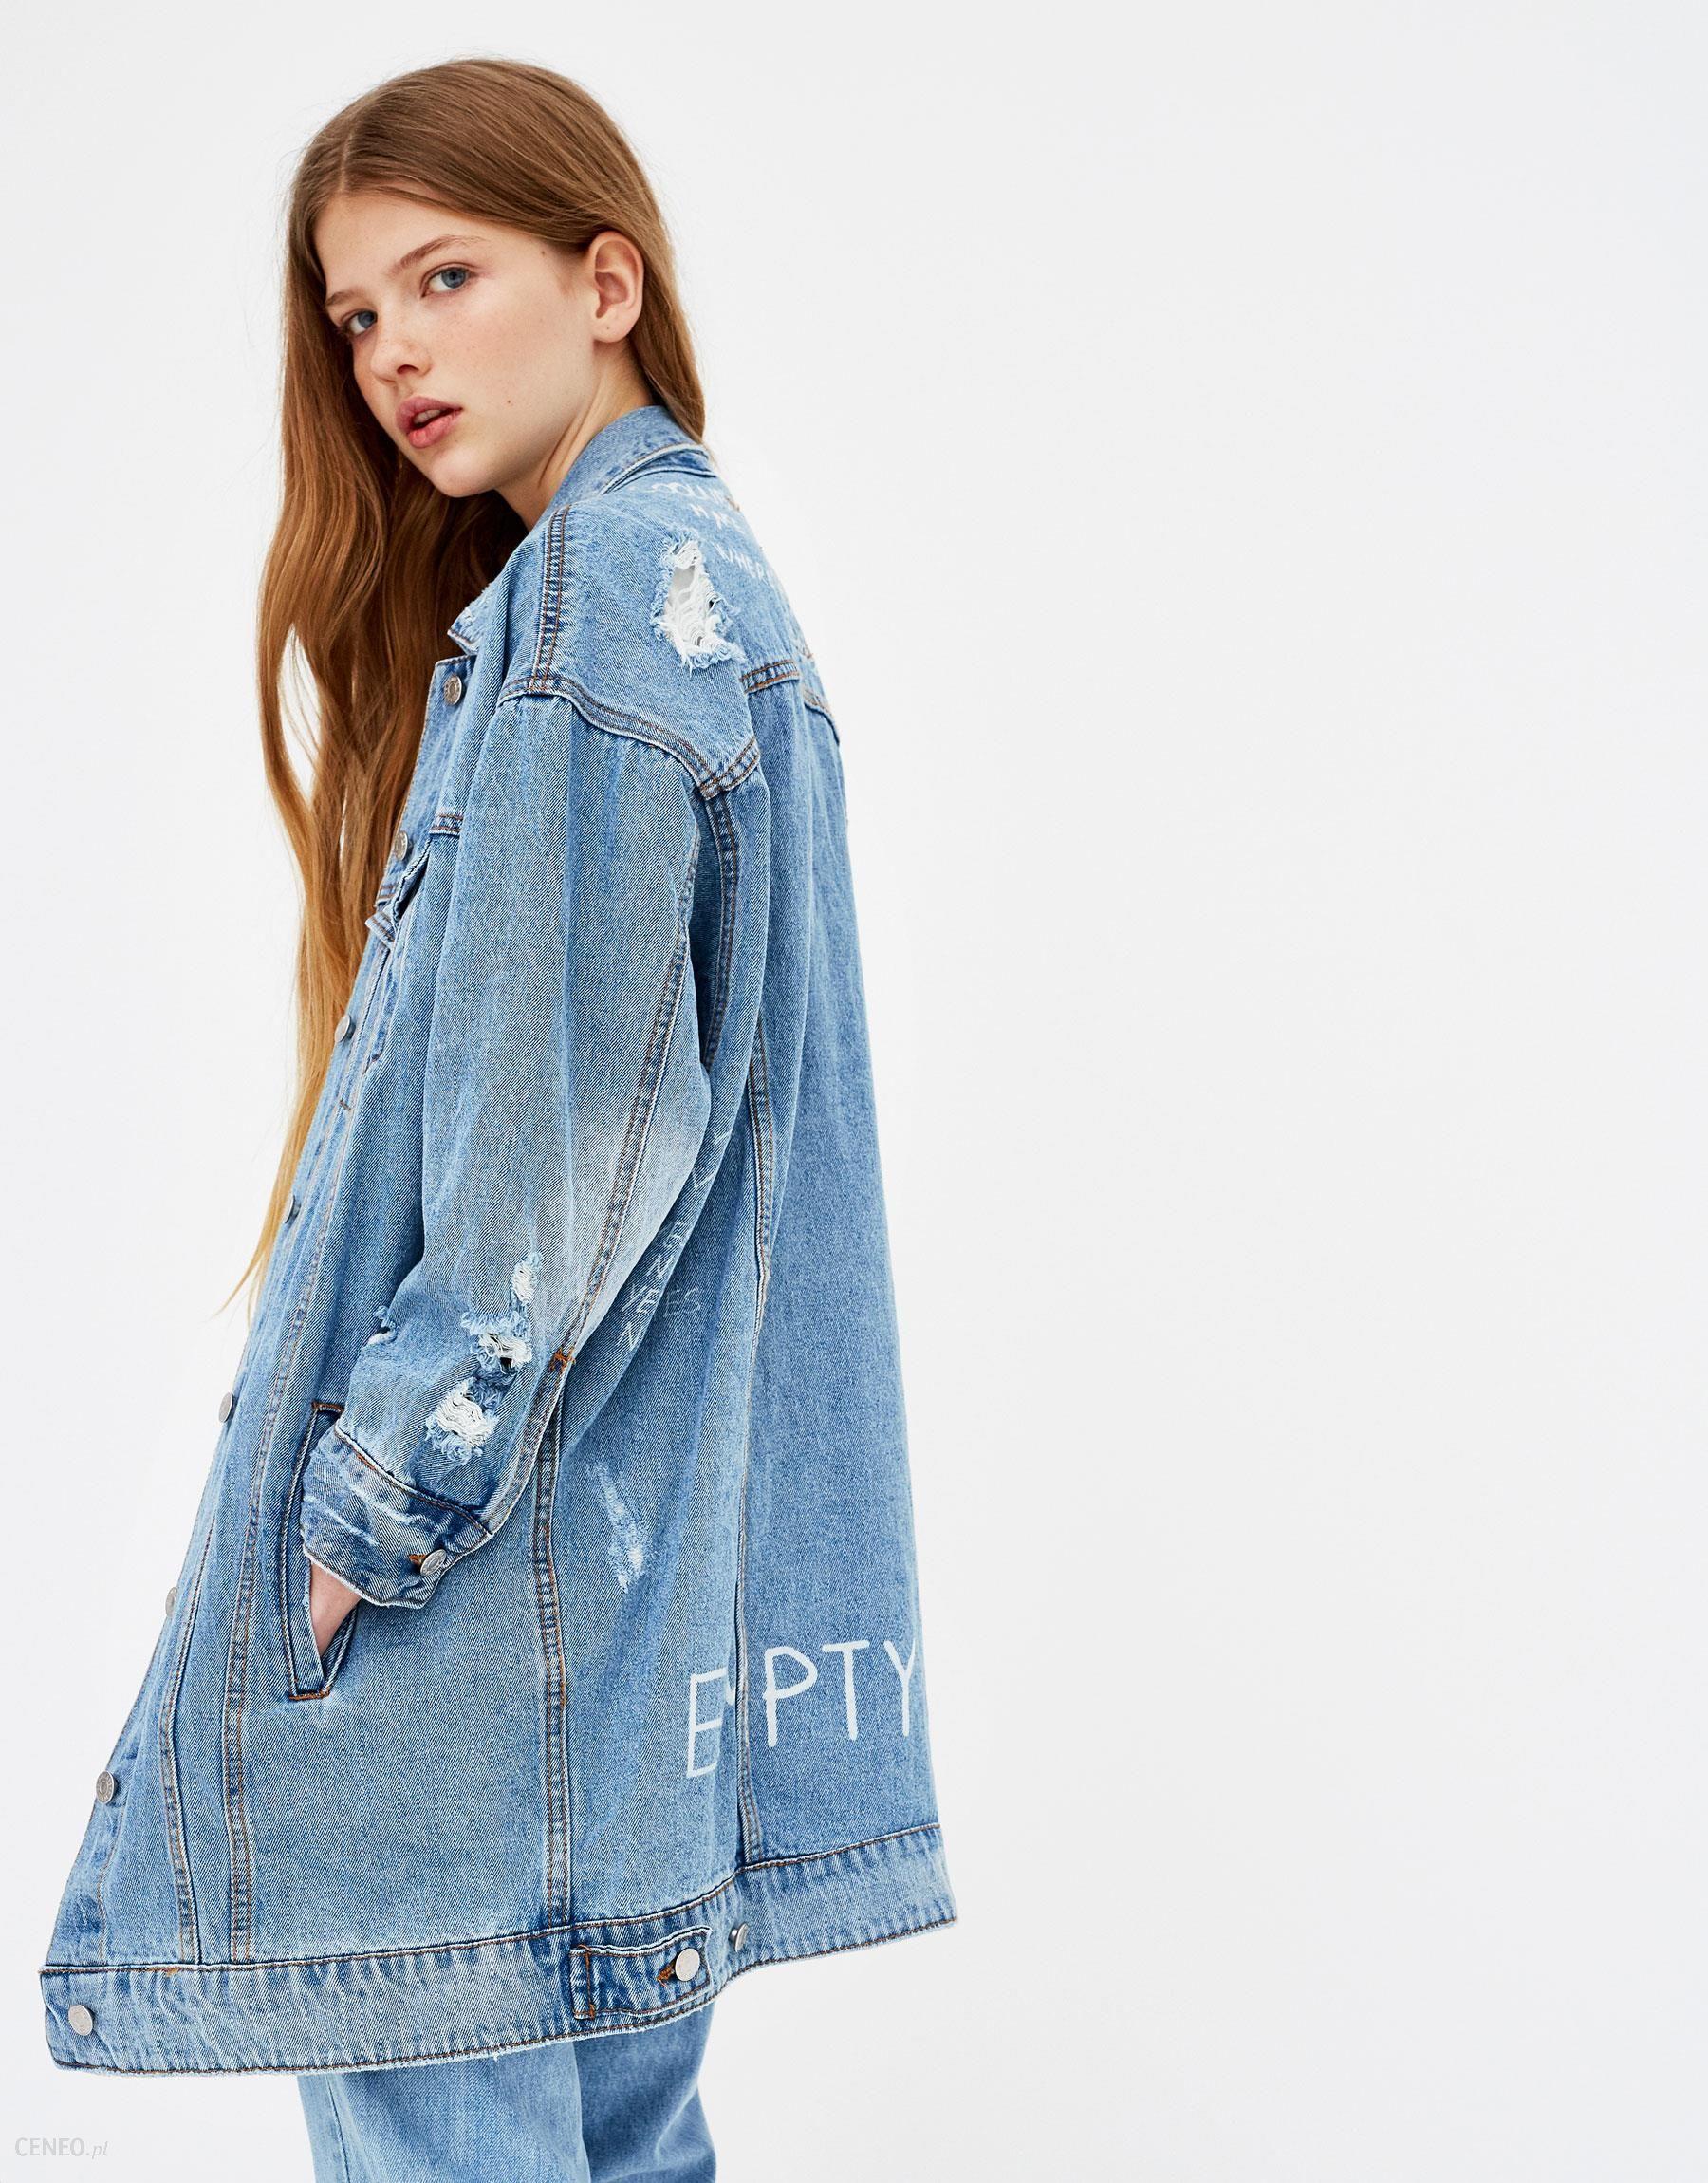 74137dce9dbe Pull   Bear Długa kurtka jeansowa z przetarciami - Ceny i opinie ...